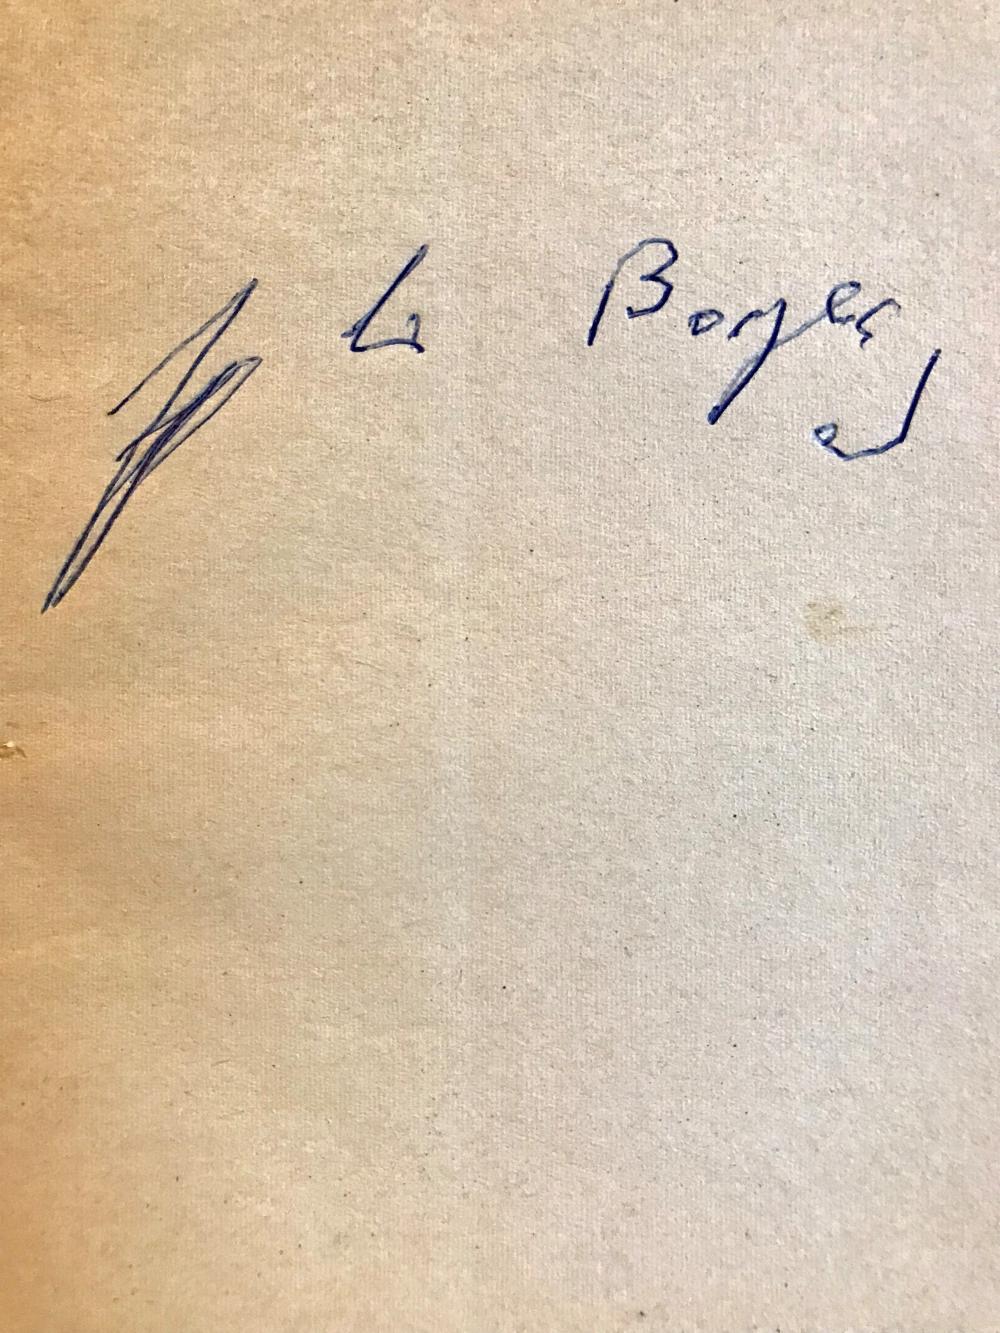 """Rare Signed Copy of Jorge Luis Borges' """"Ficciones"""""""